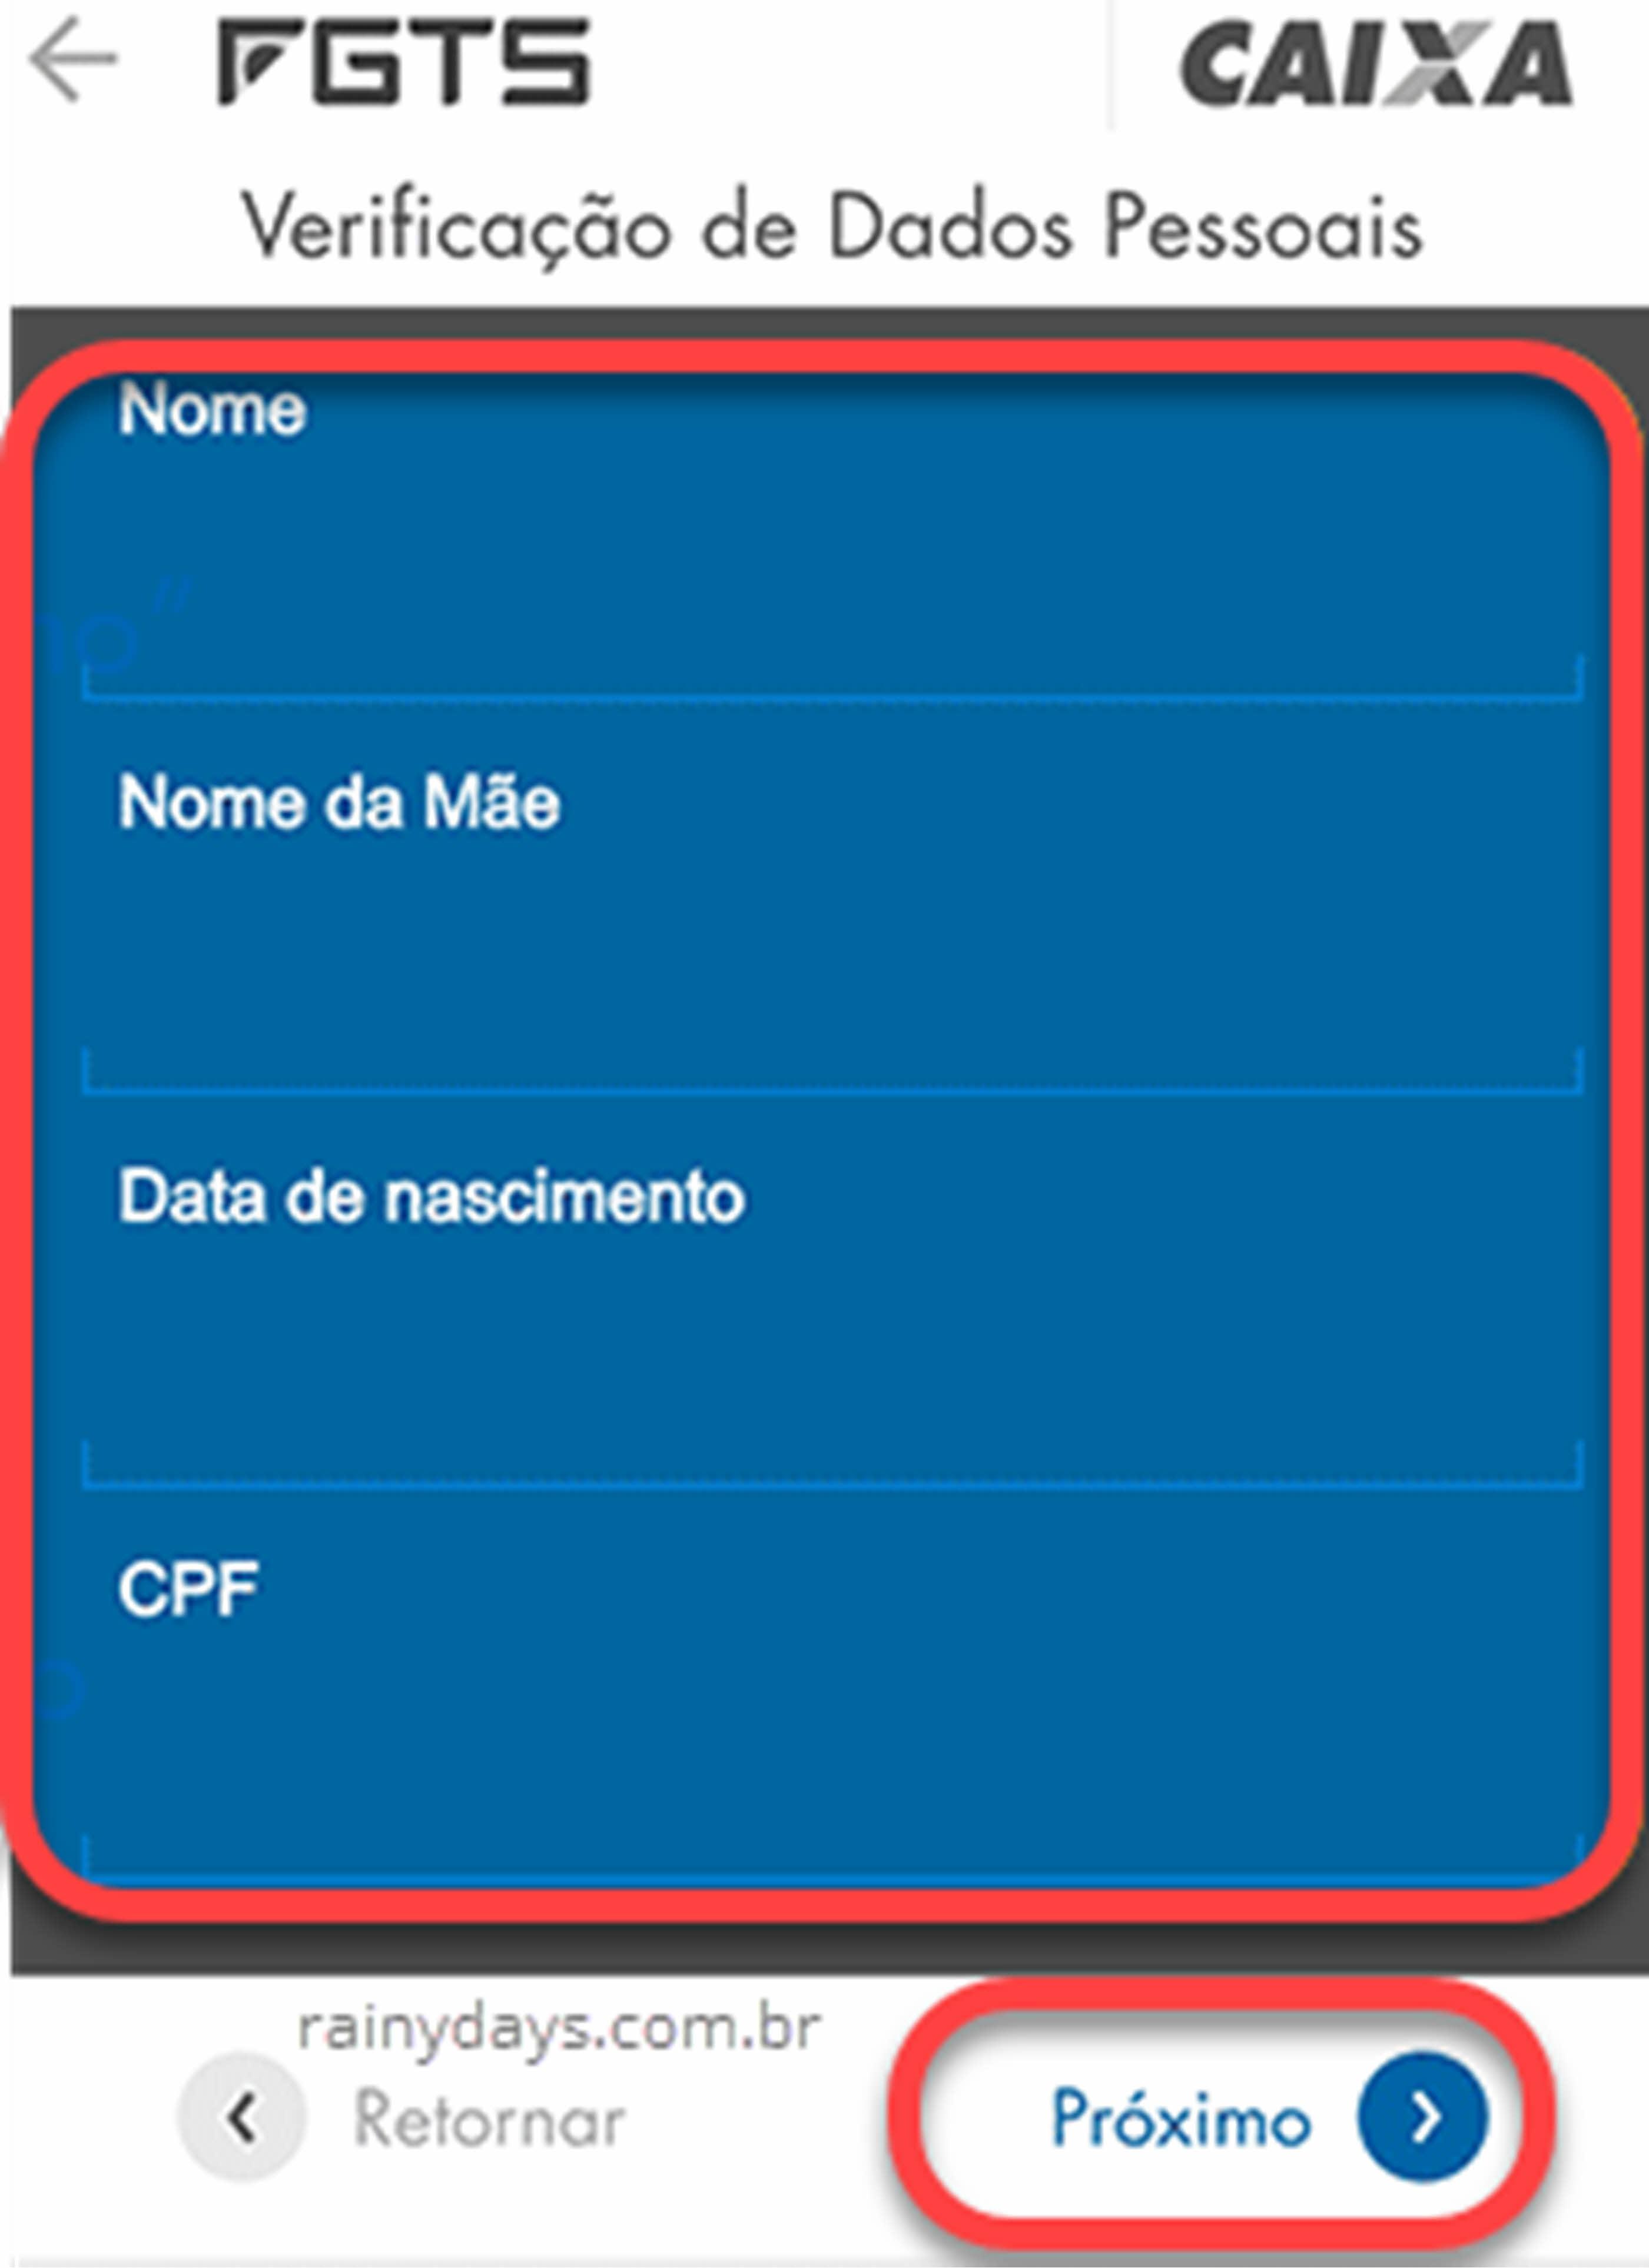 verificação de dados pessoais Caixa app FGTS